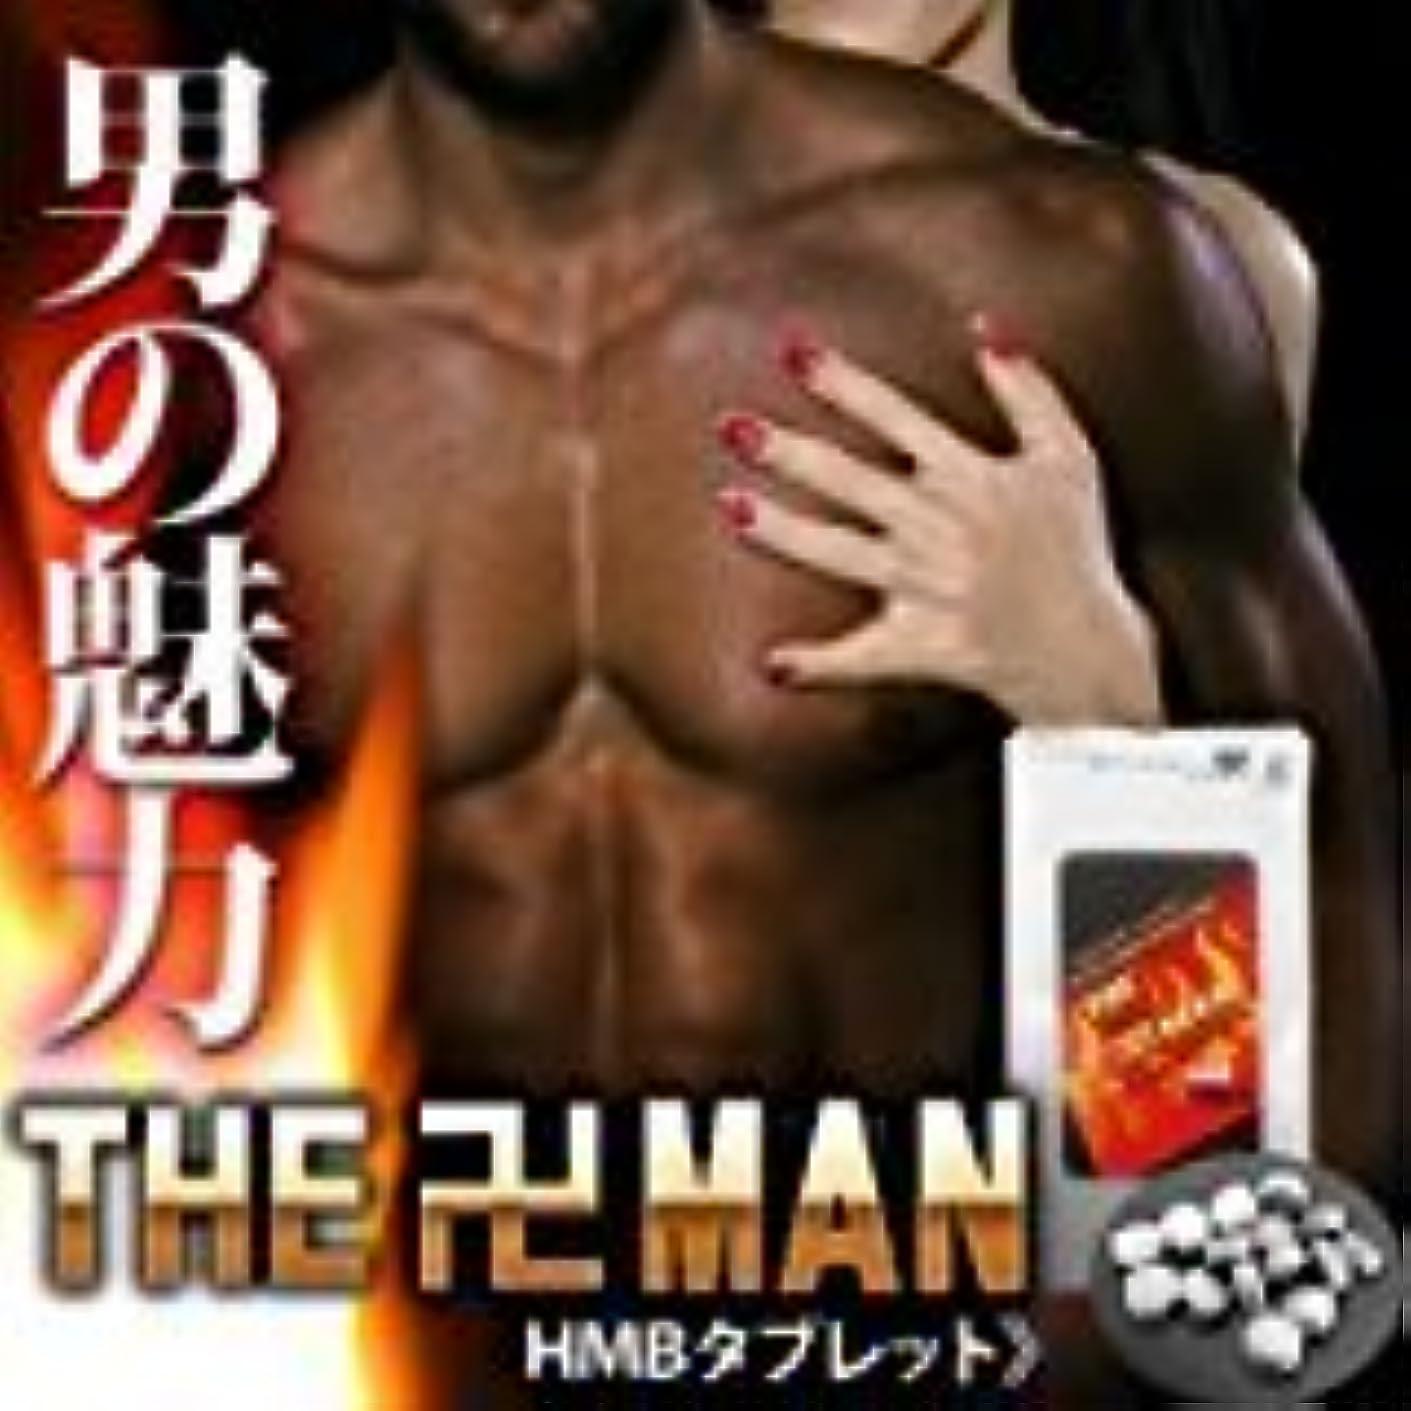 磁器画像ファントムTHE 卍 MAN ザ?マンジマン 2個セット